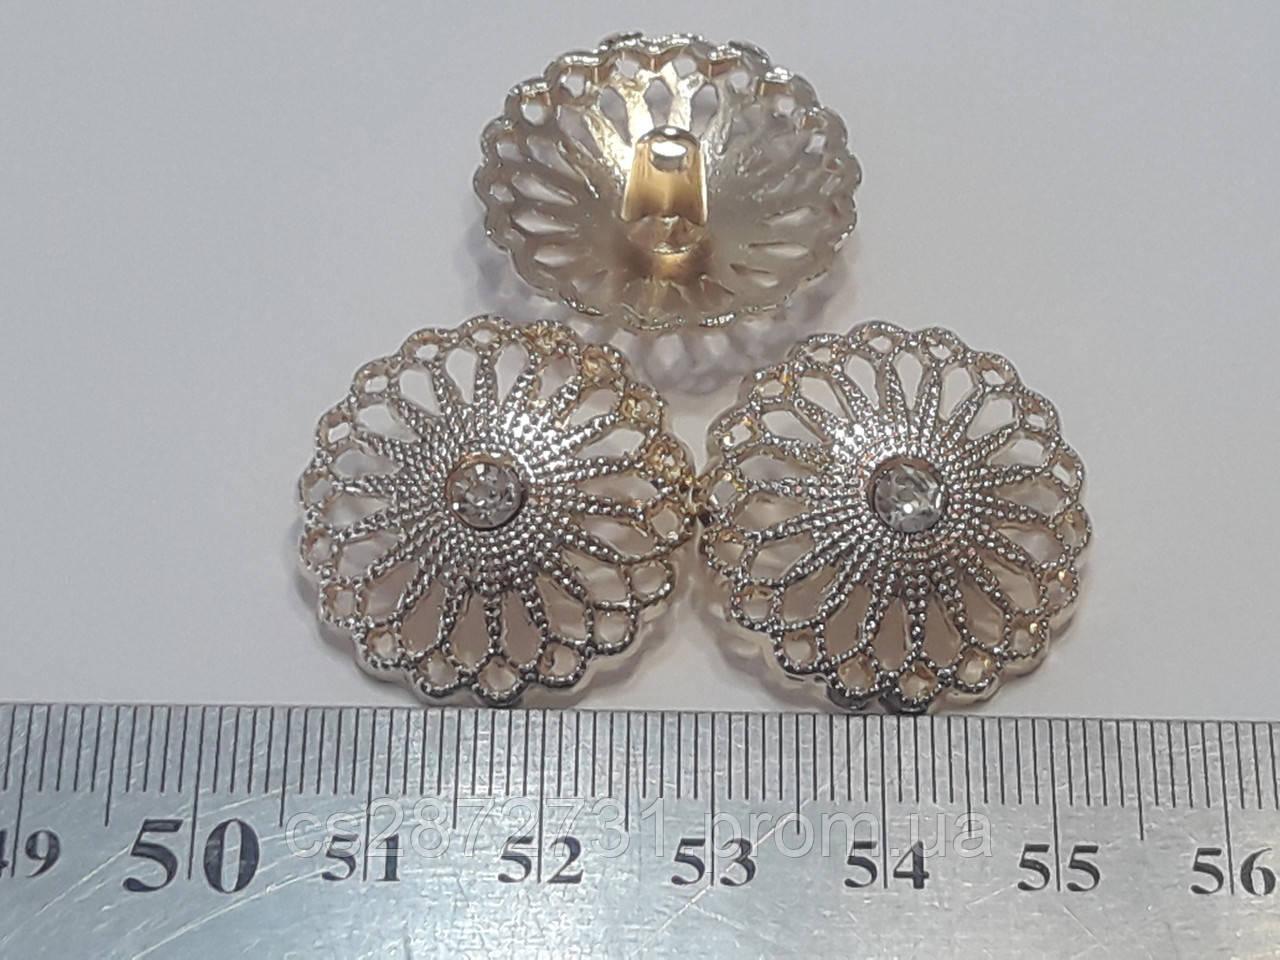 Пуговицы  круглой формы с горным хрусталем,диаметром 25 мм